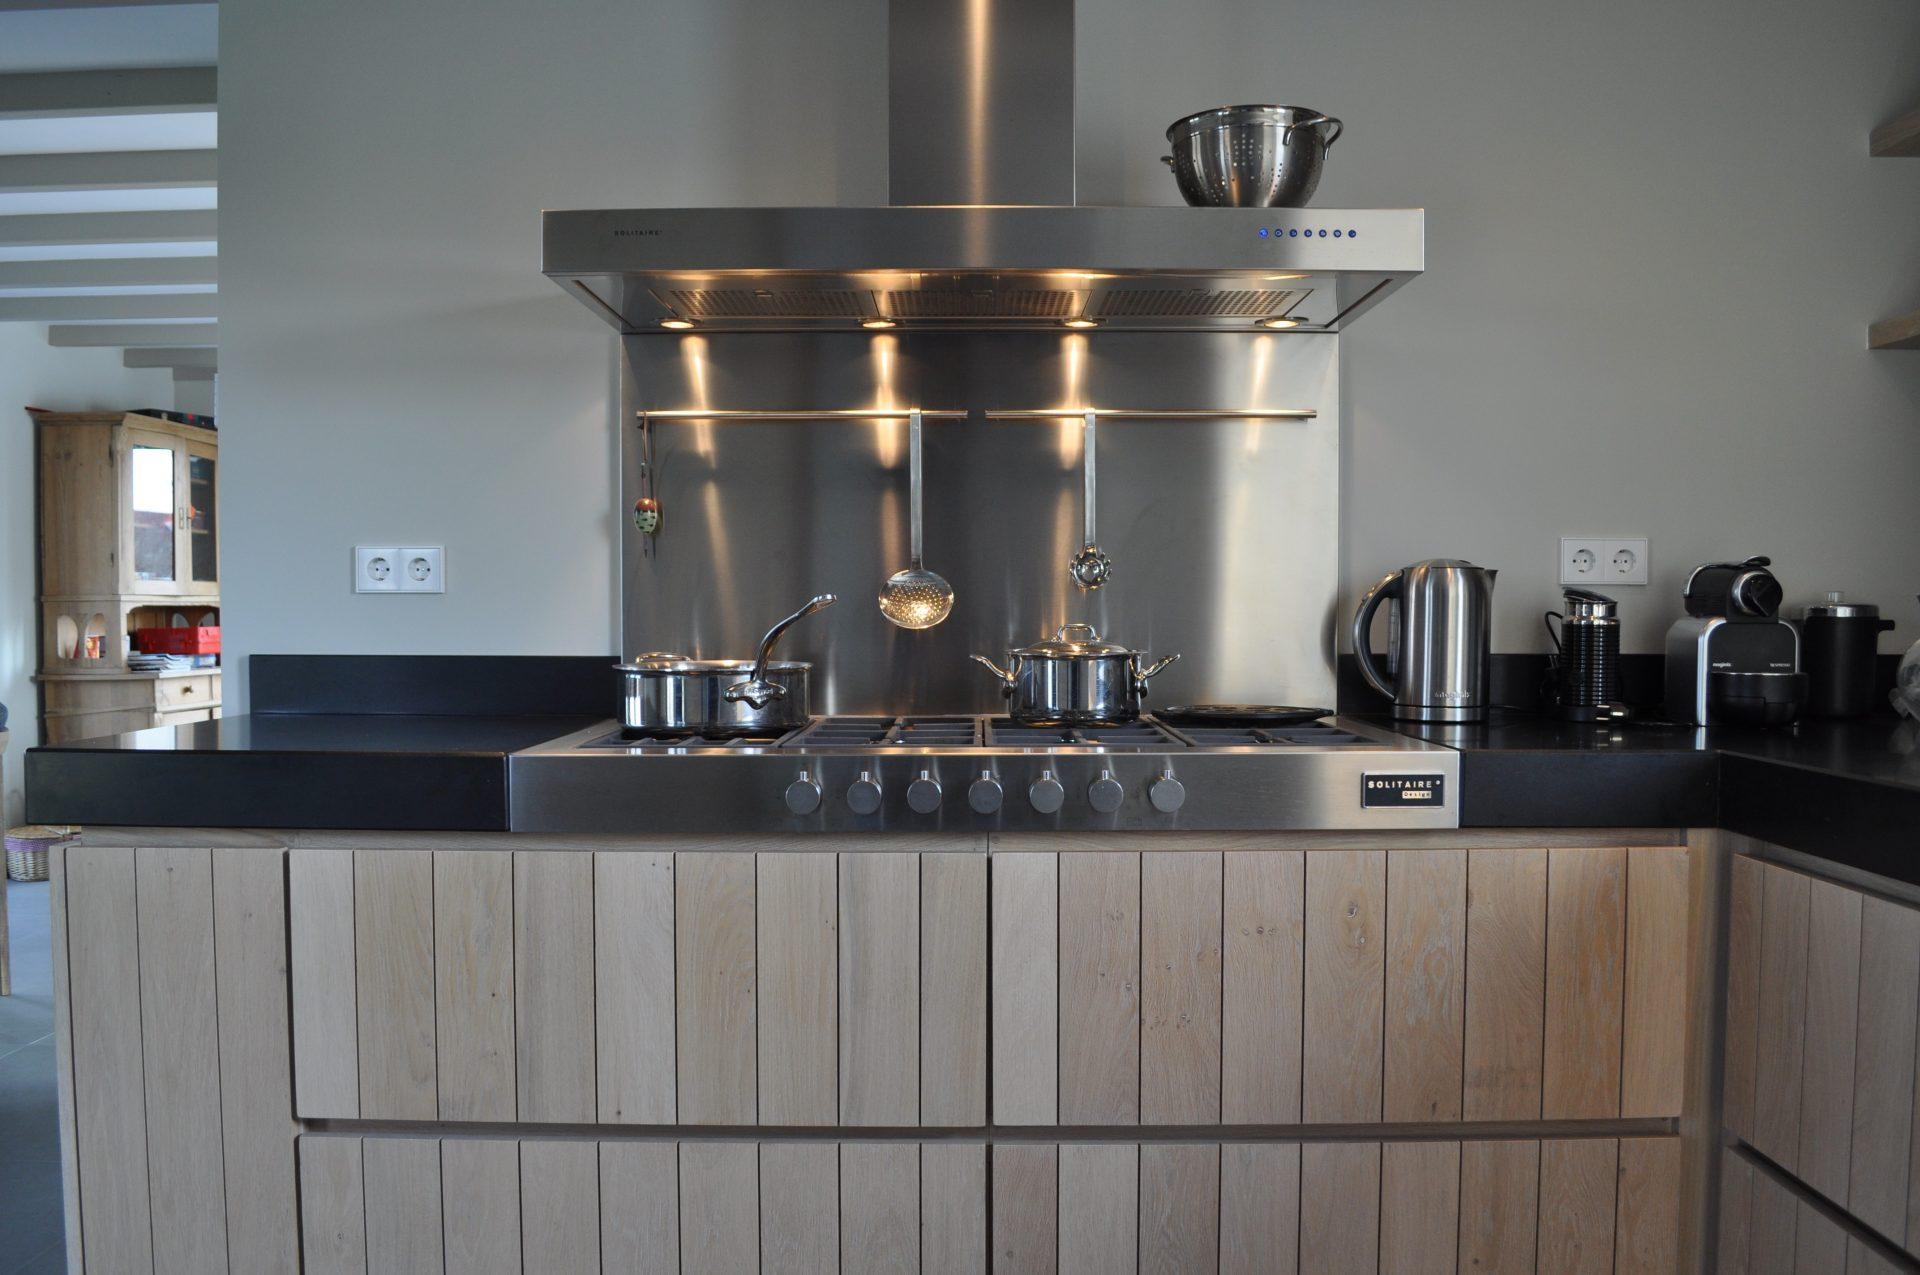 Hedendaags Ontdek De Moderne Keukens Van Eco Keukens Met Onze Voorbeelden! UC-37